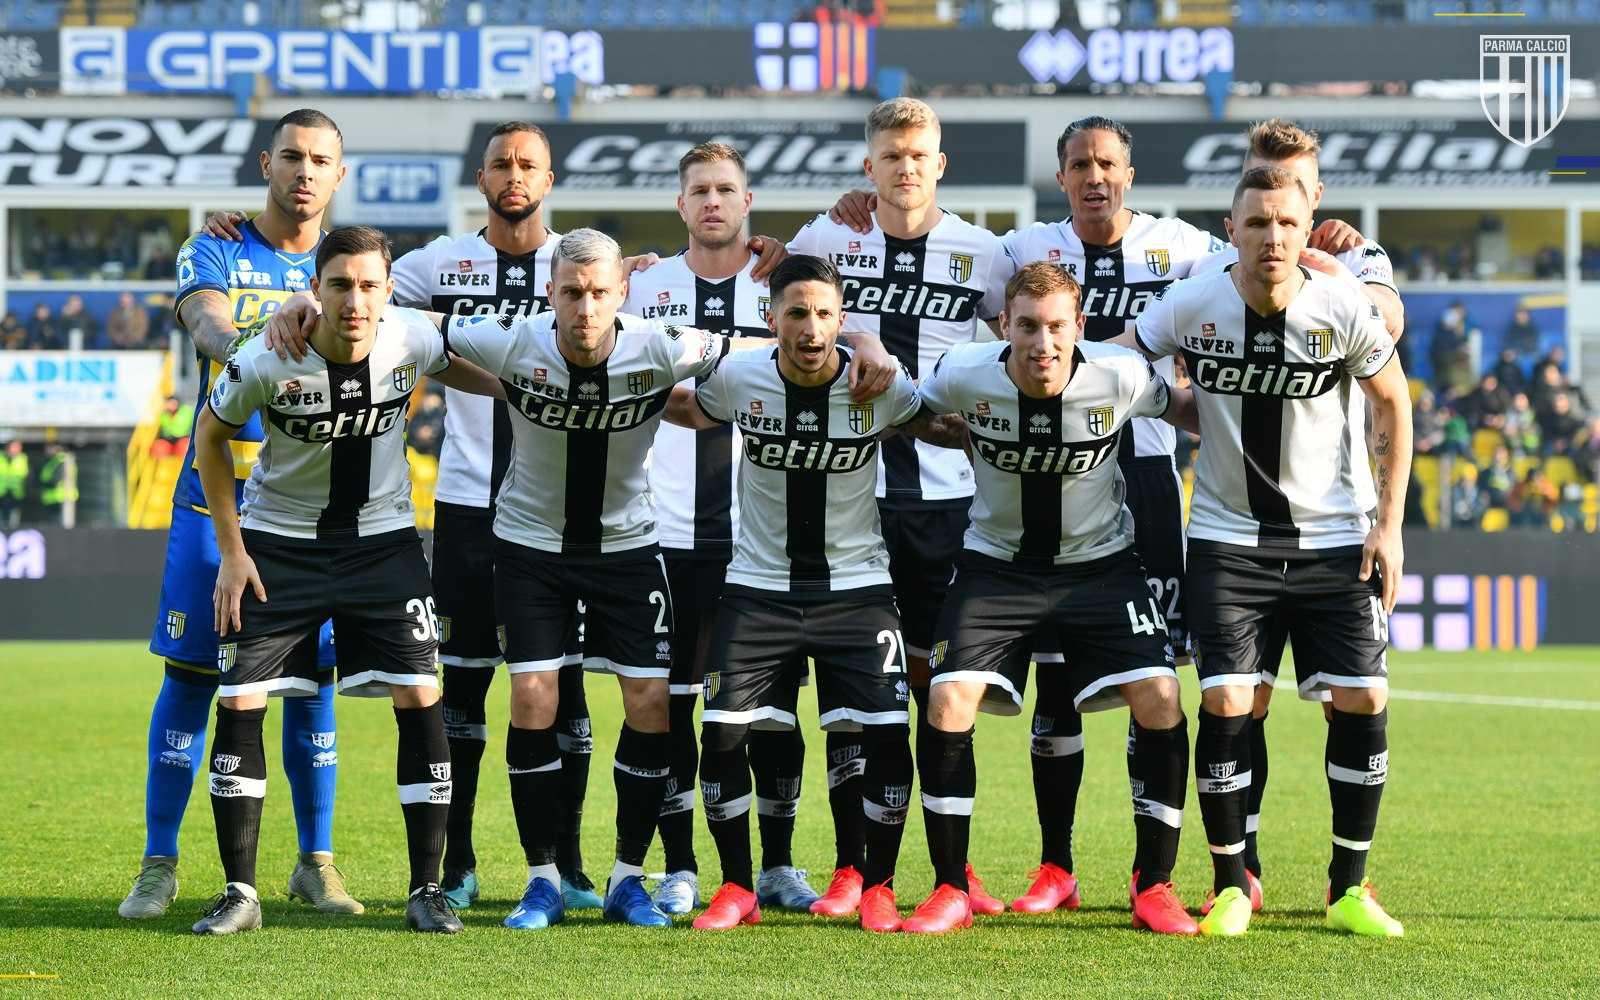 """Torino-Parma 1-1, D'Aversa: """"Siamo stati bravi a riprendere la partita"""""""